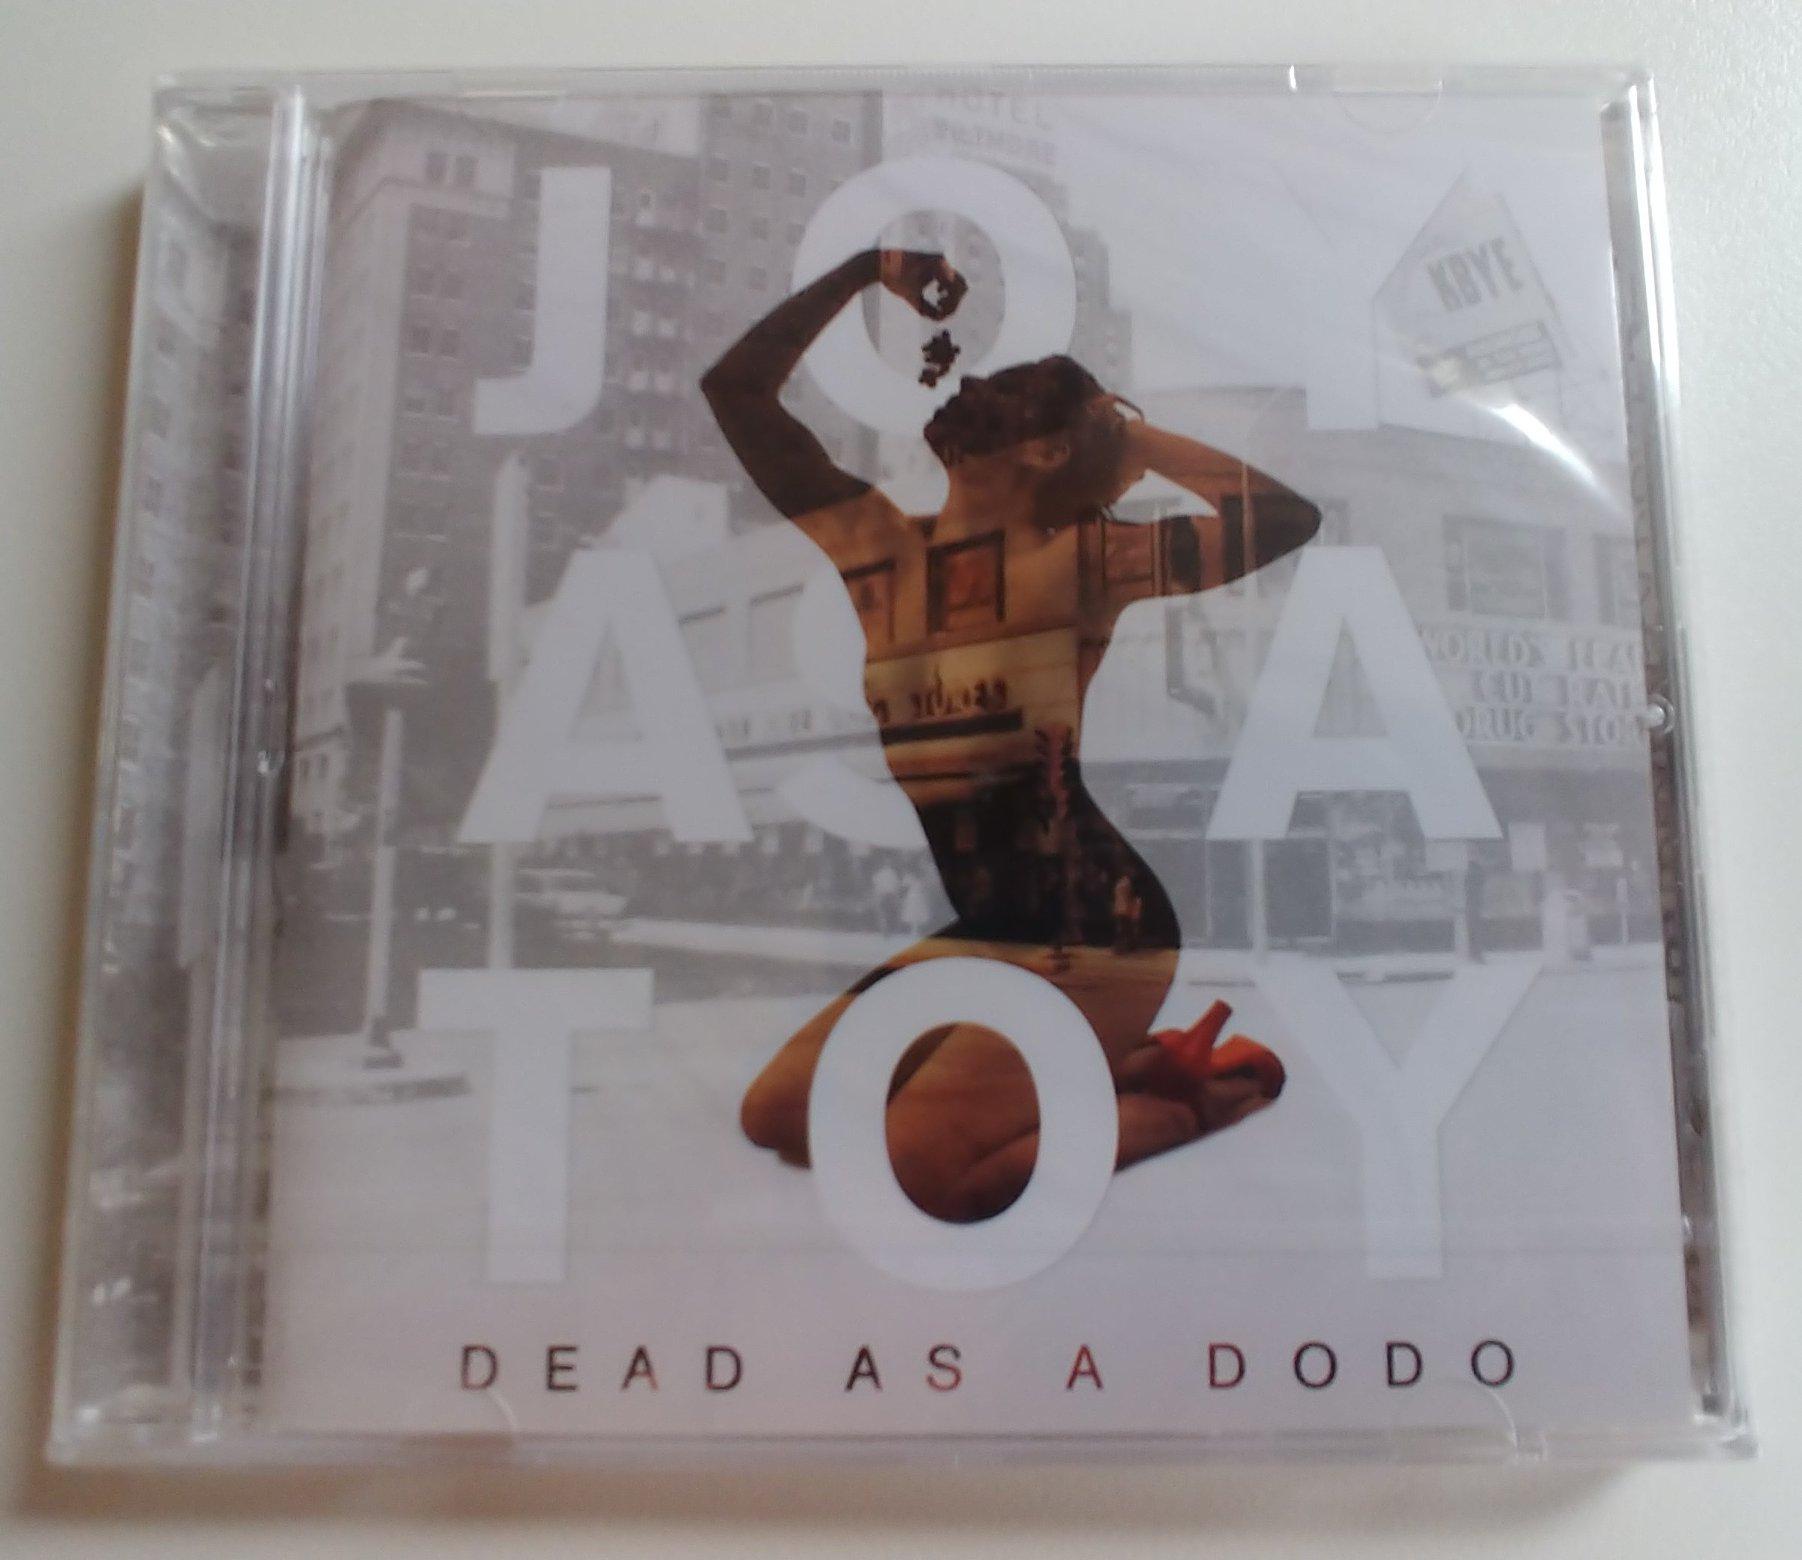 """Lot #4  Un des 25 derniers CD de """"Dead As A Dodo"""" du groupe belge Joy As A Toy. Cet album est sorti sur les Disques Bon Marché du Satanisme il y a 7 ans. PS: Ce n'est pas Céline Lory sur la couverture."""